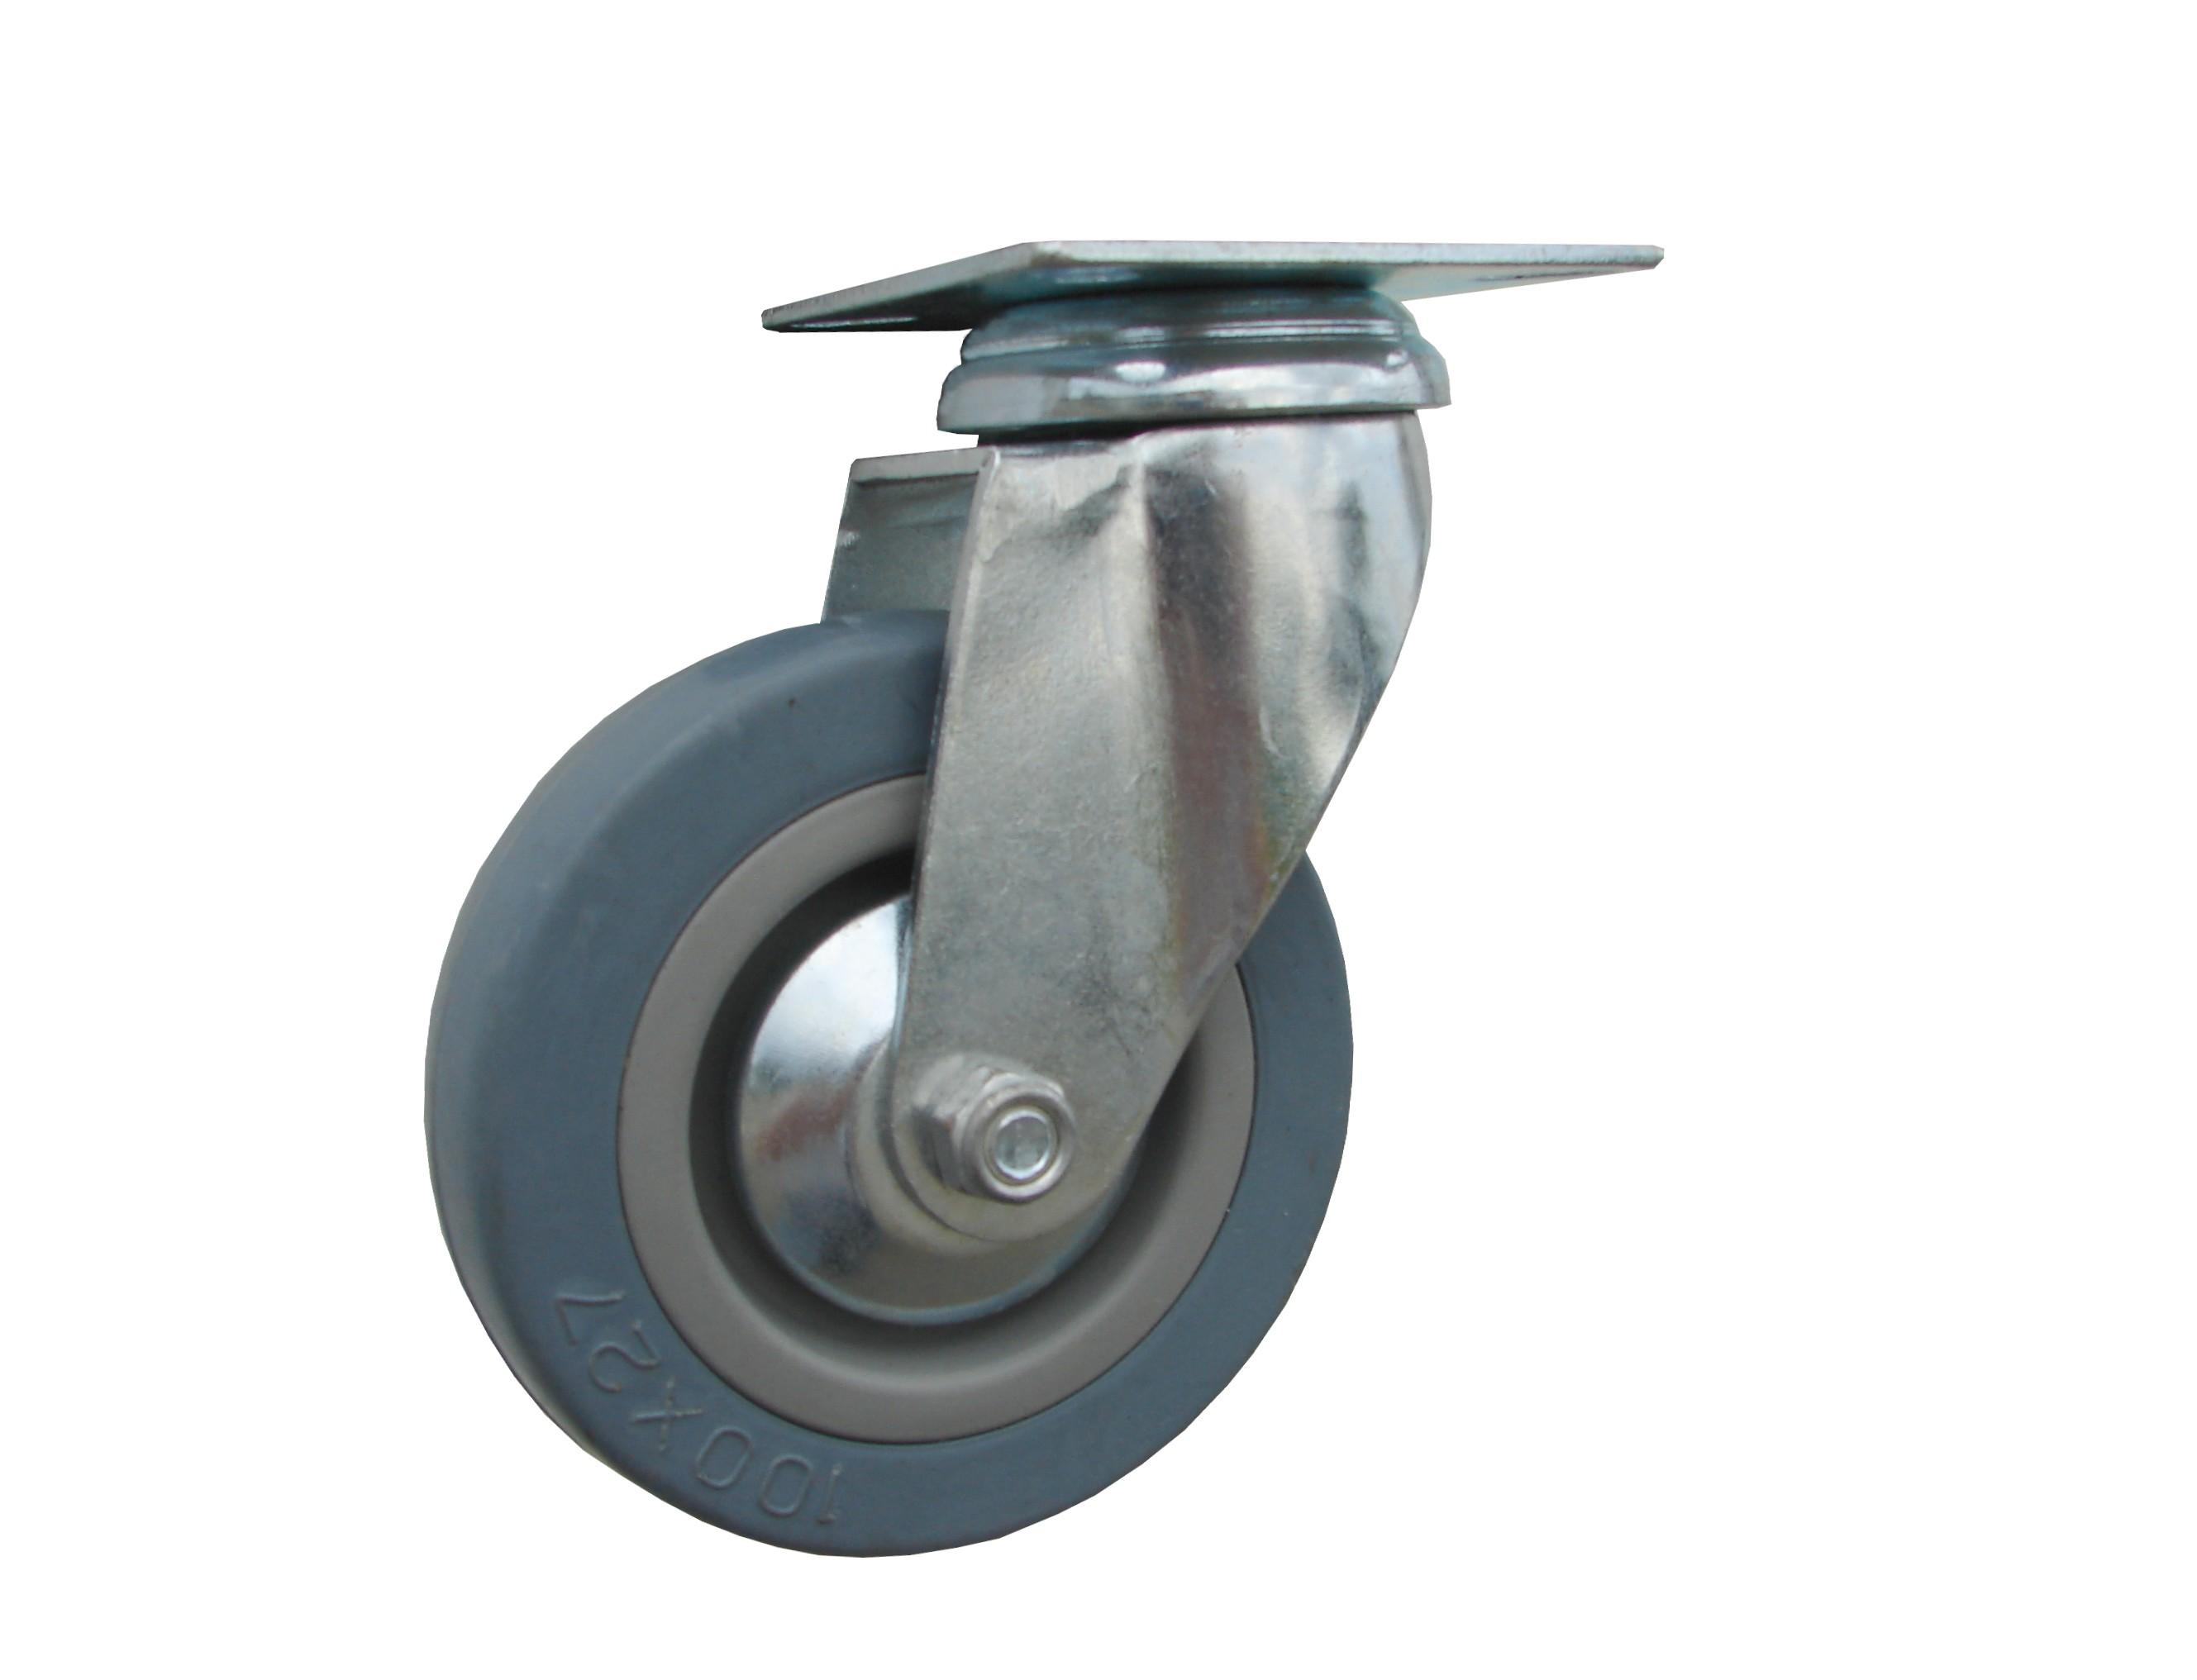 Kolieska otočná, sivá gumená, plastový disk serie 59000